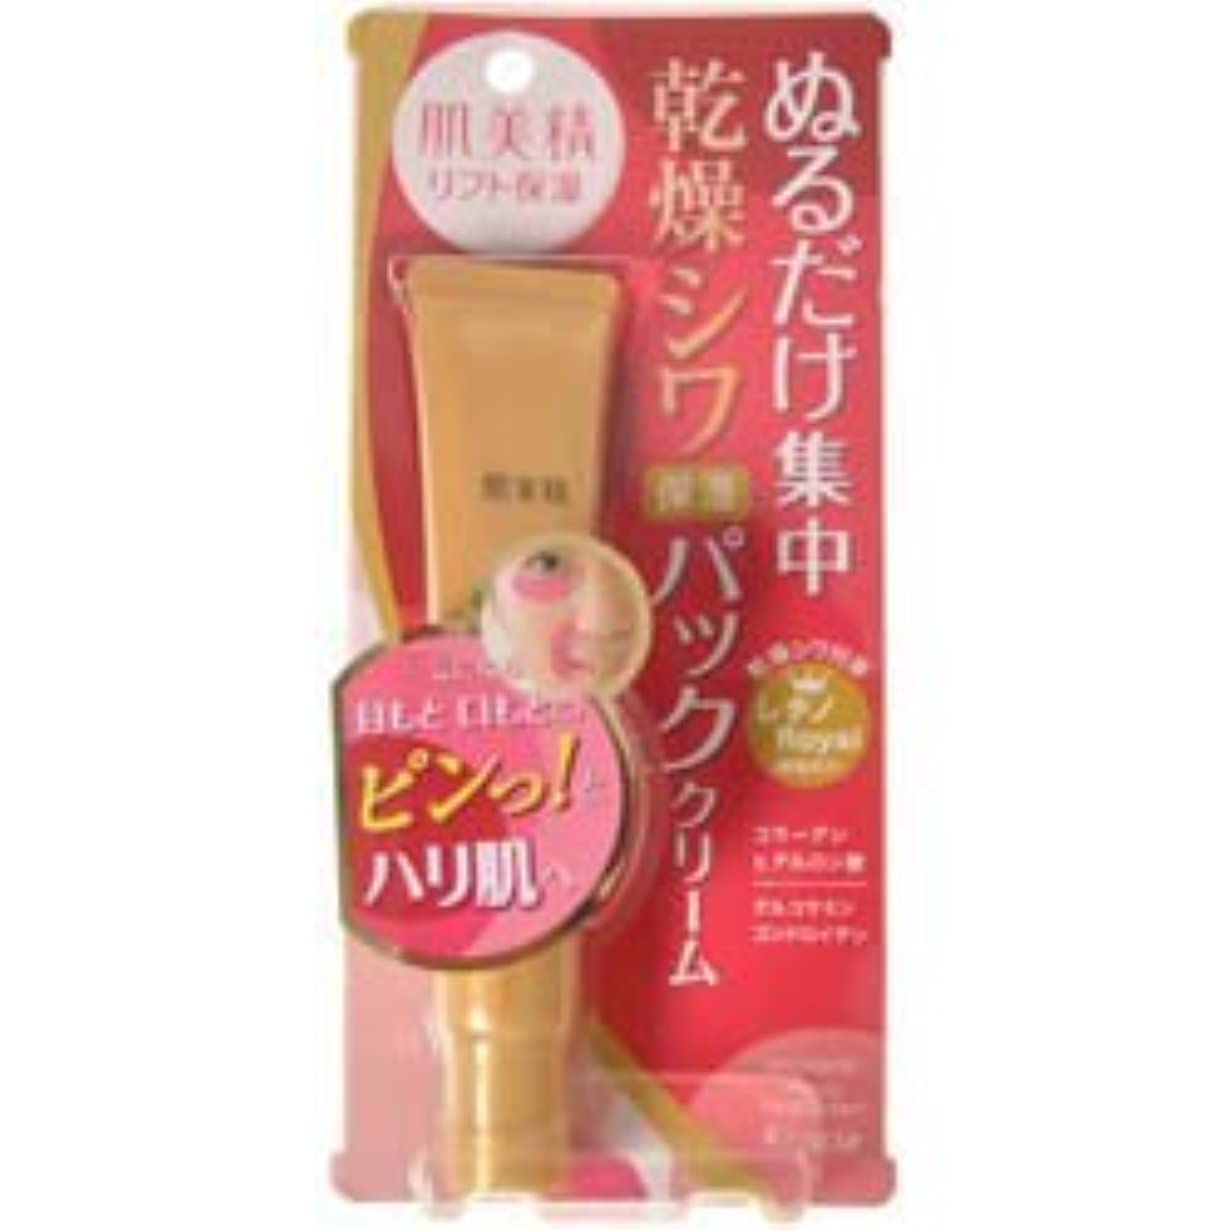 【クラシエ】肌美精 リフト保湿リンクルパッククリーム 30g ×5個セット